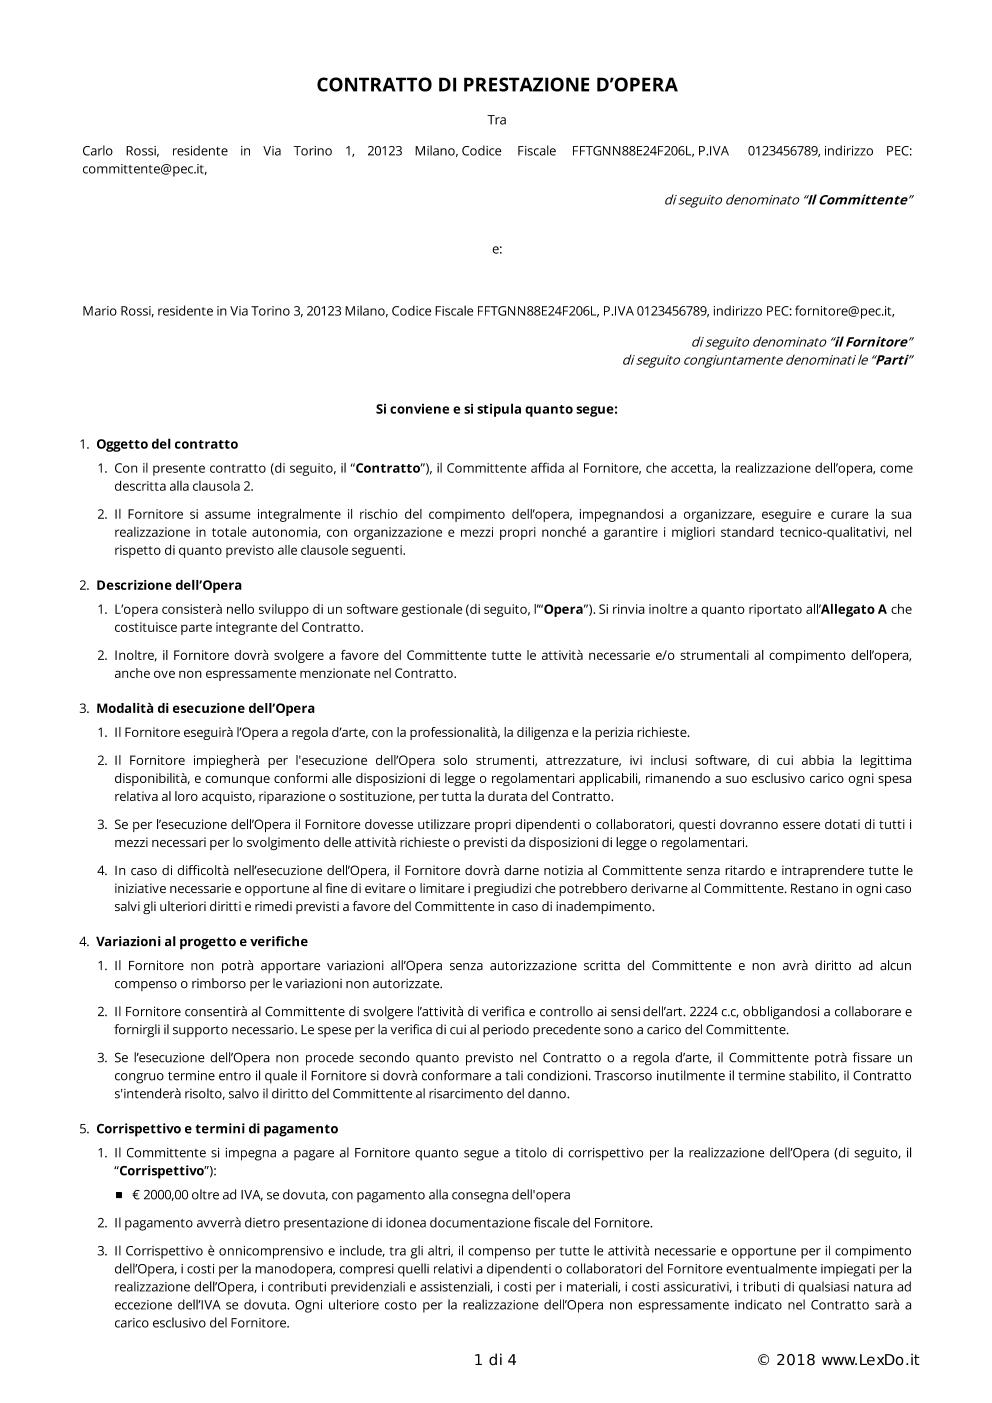 Contratto per Lavoro Autonomo (Freelance) modello